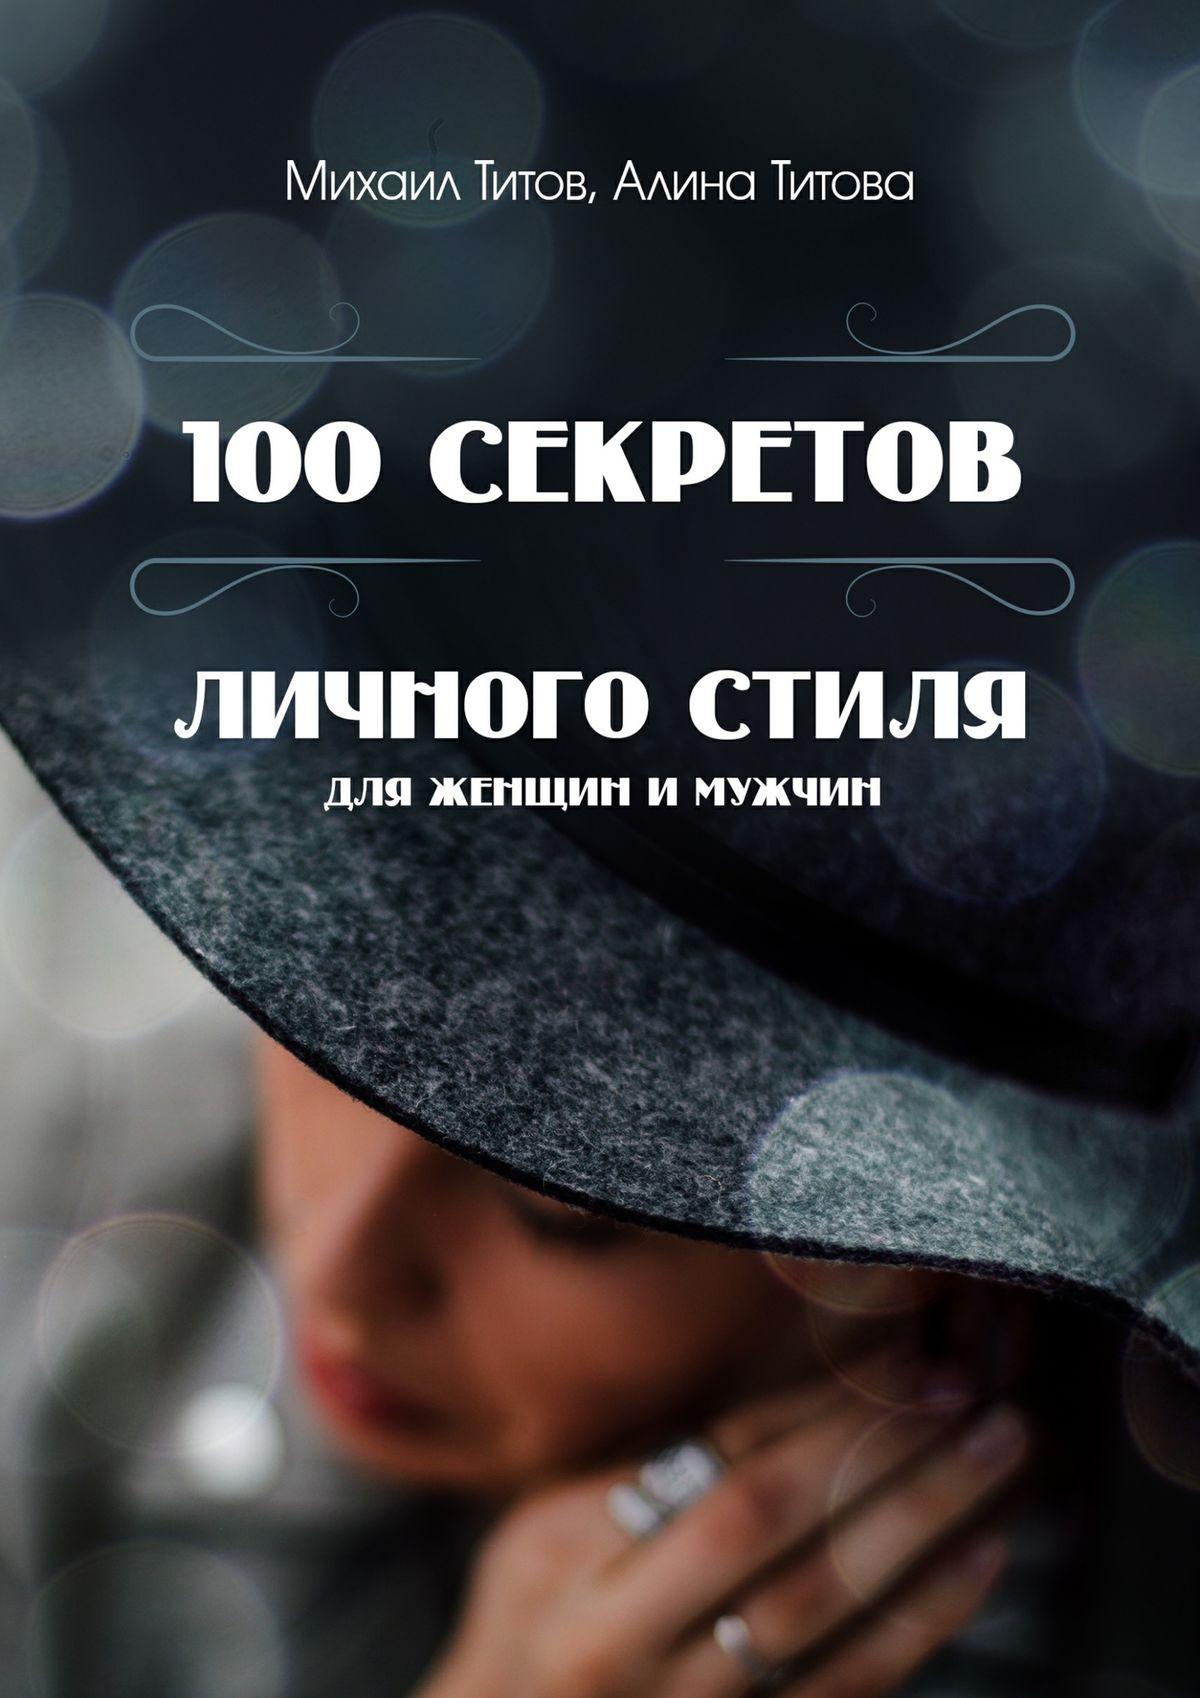 100 секретов личного стиля. Для женщин имужчин